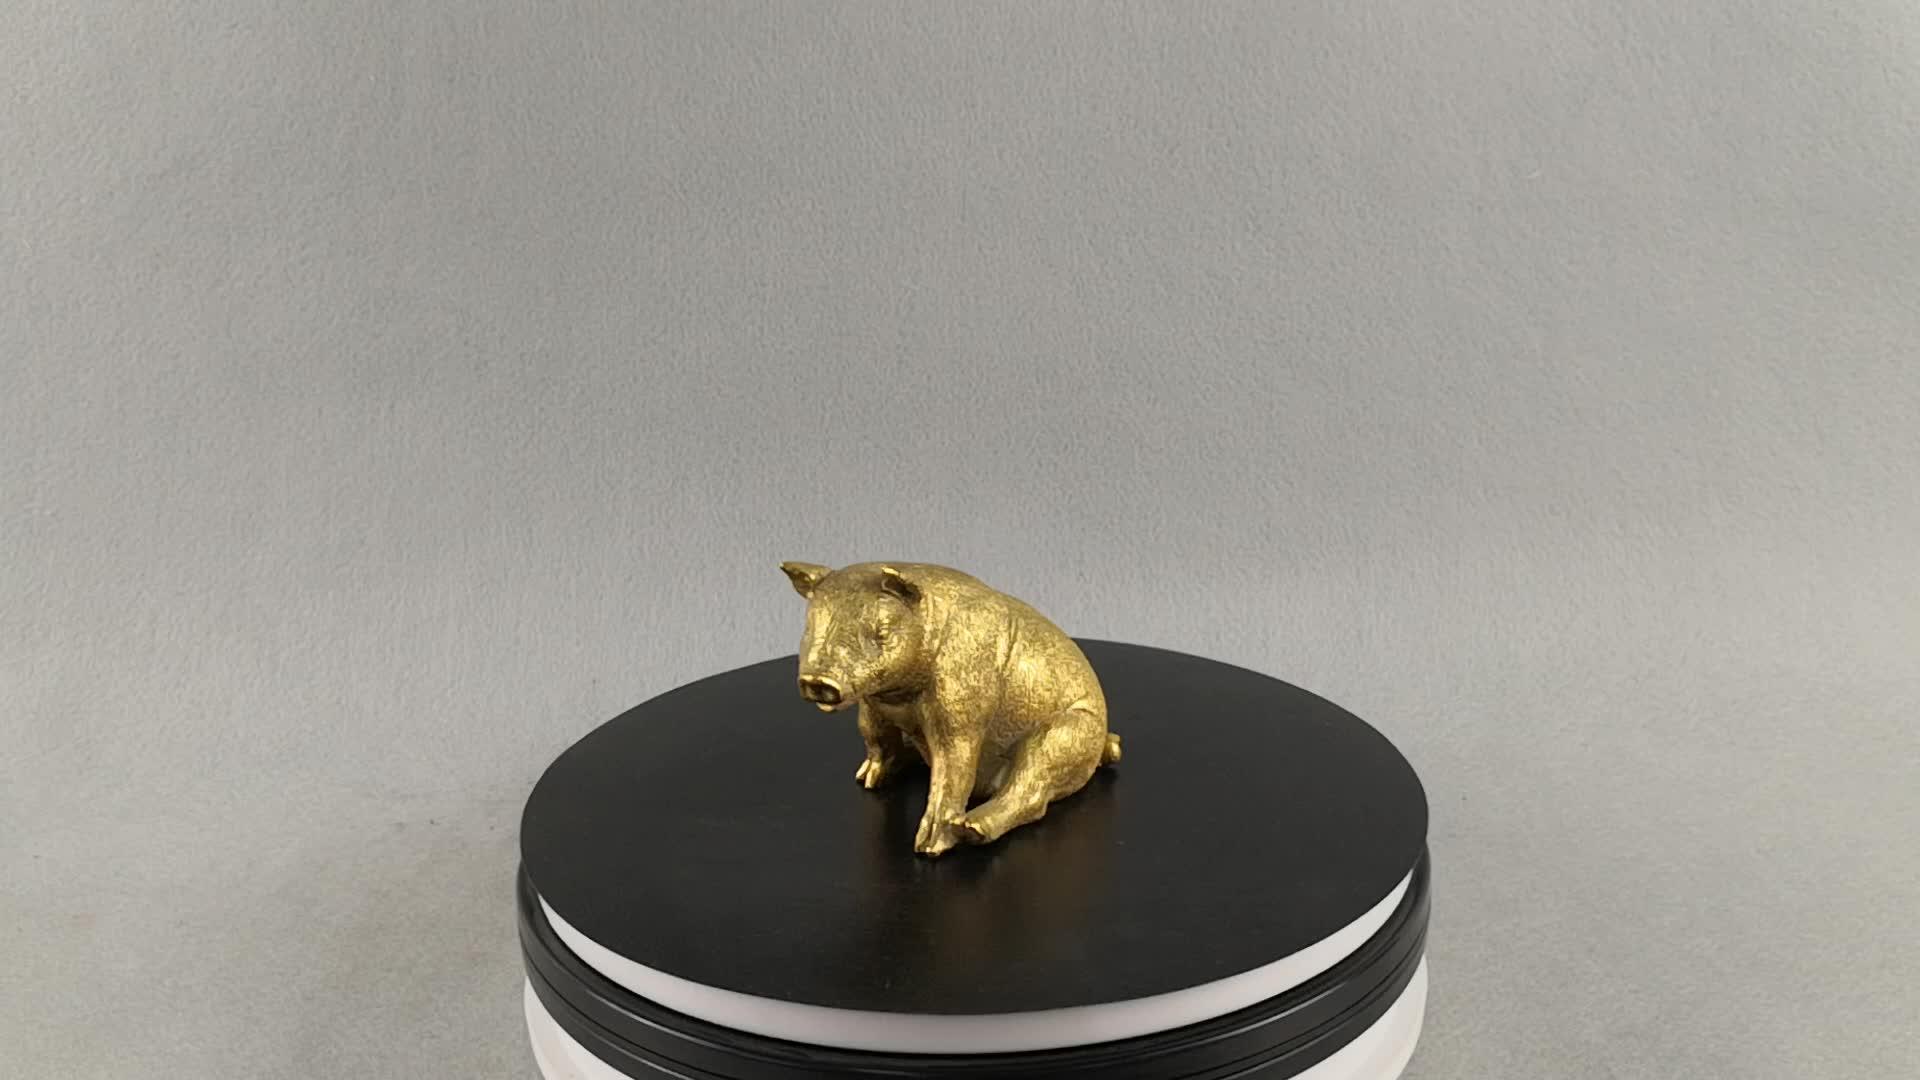 สวนหมูกลางแจ้ง decor figurine อะนิเมะที่ดีที่สุดขายผลิตภัณฑ์ mini resin craft